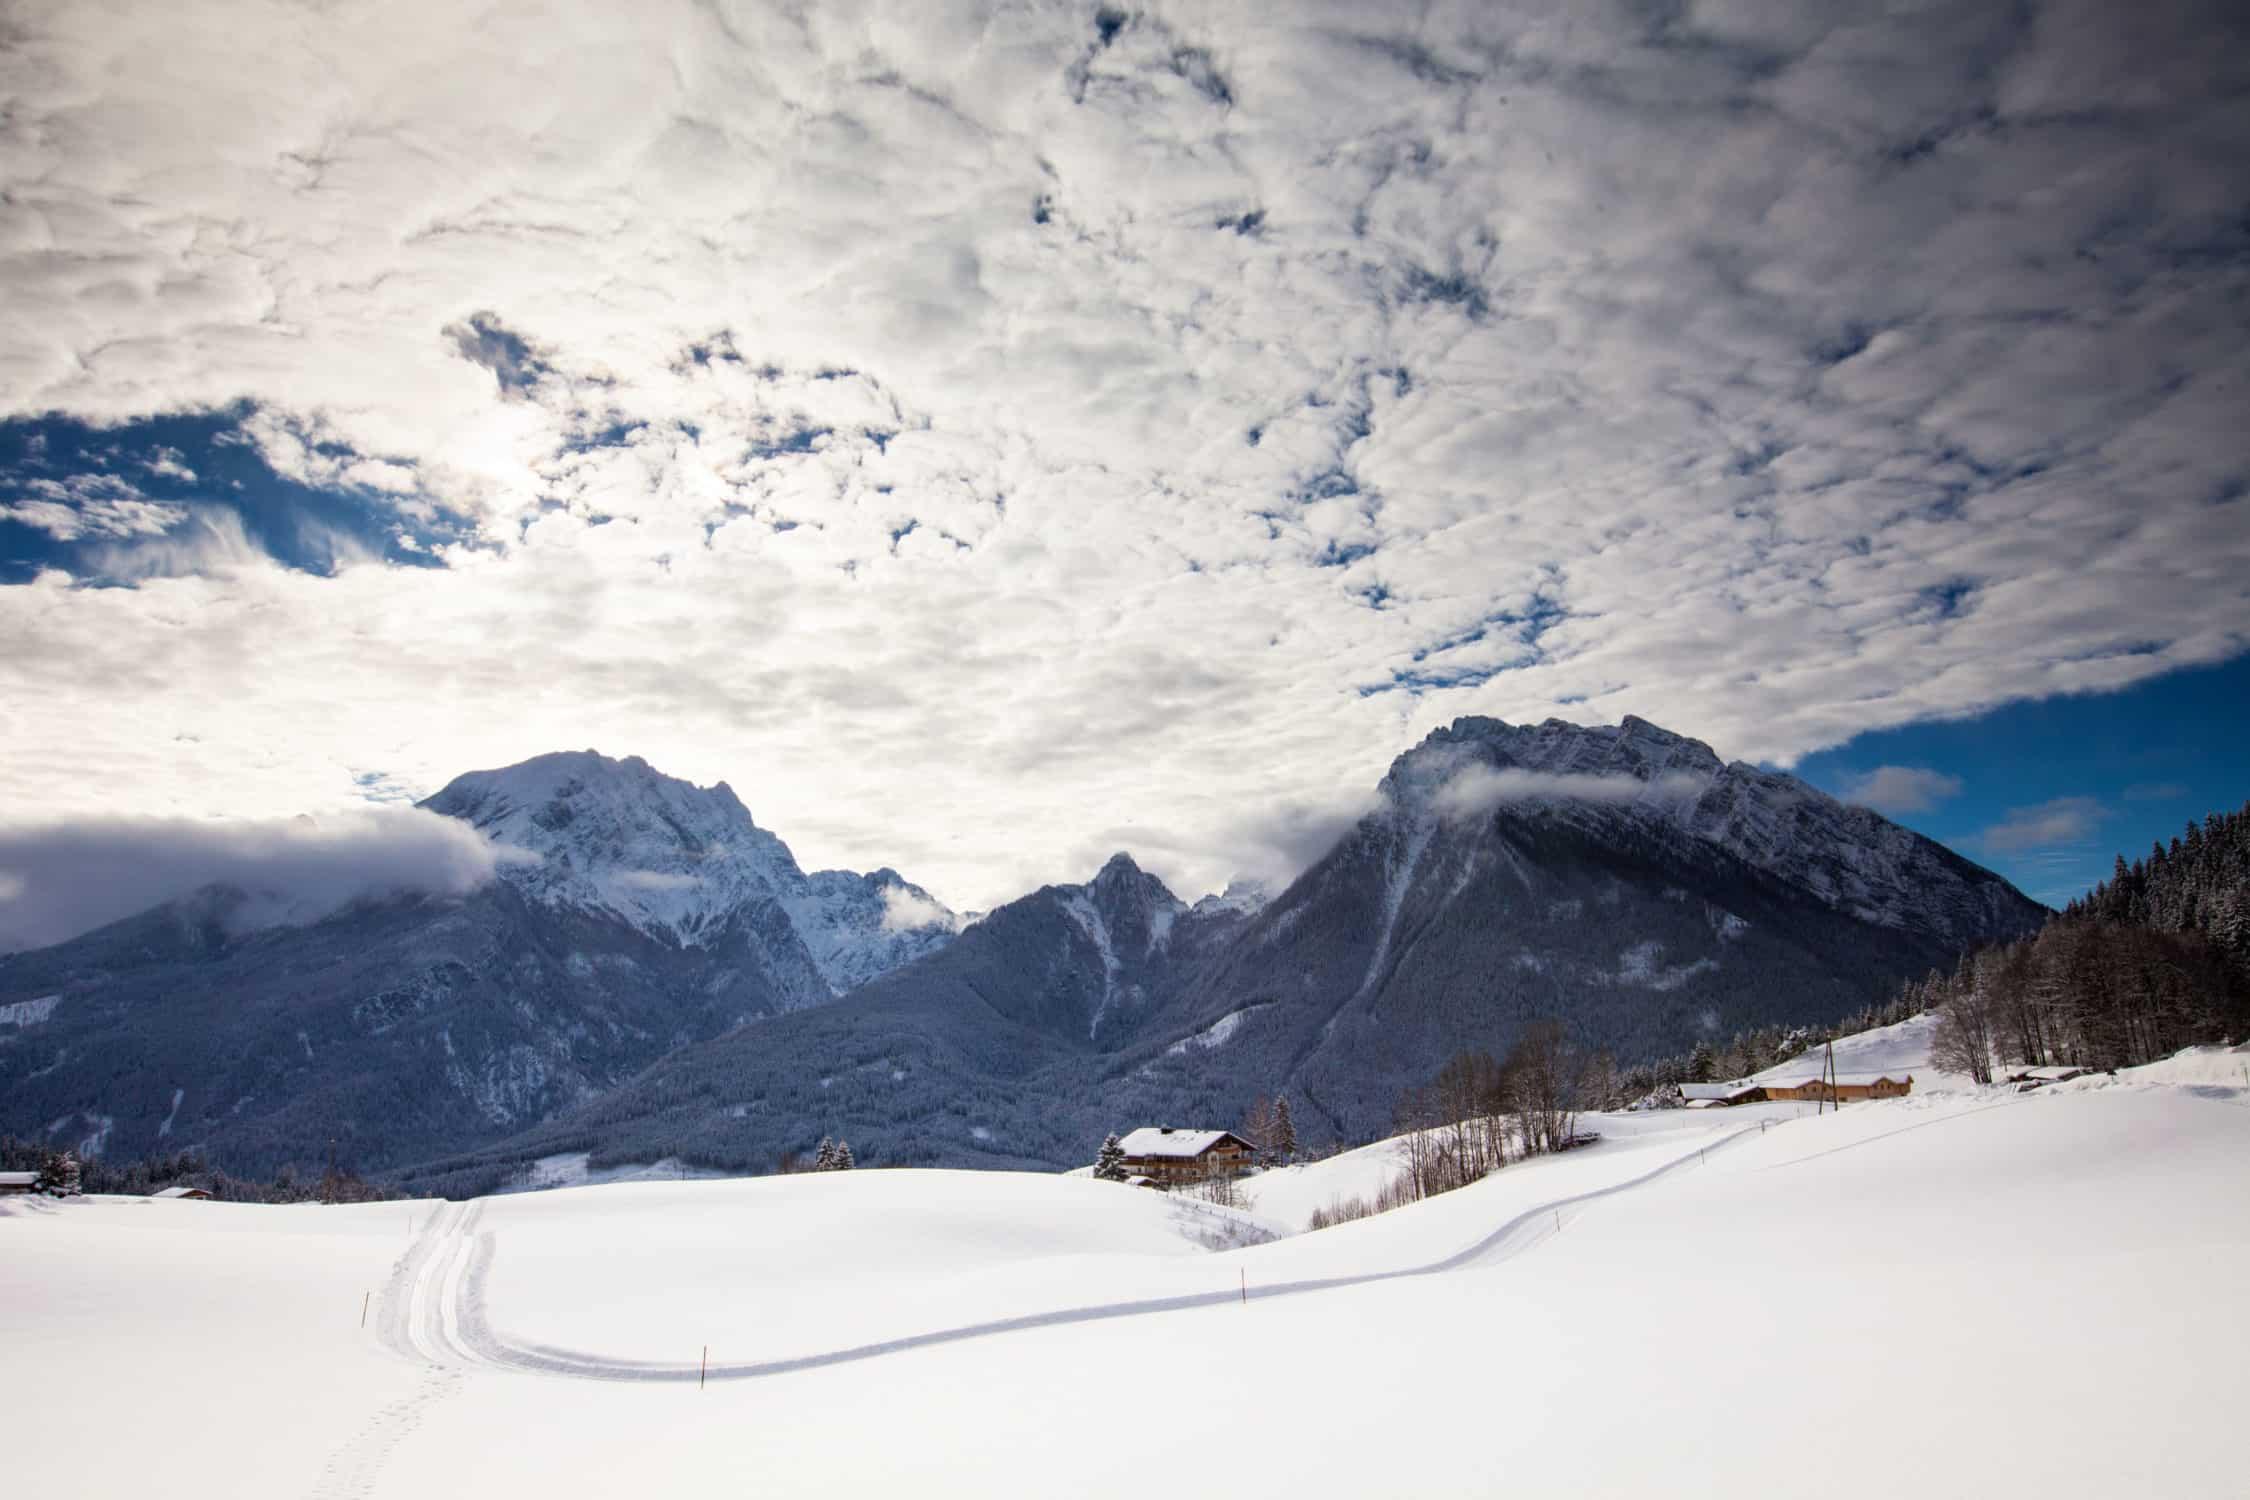 Winteraufnahme Hotel Gasthof Nutzkaser, Nationalpark Berchtesgaden